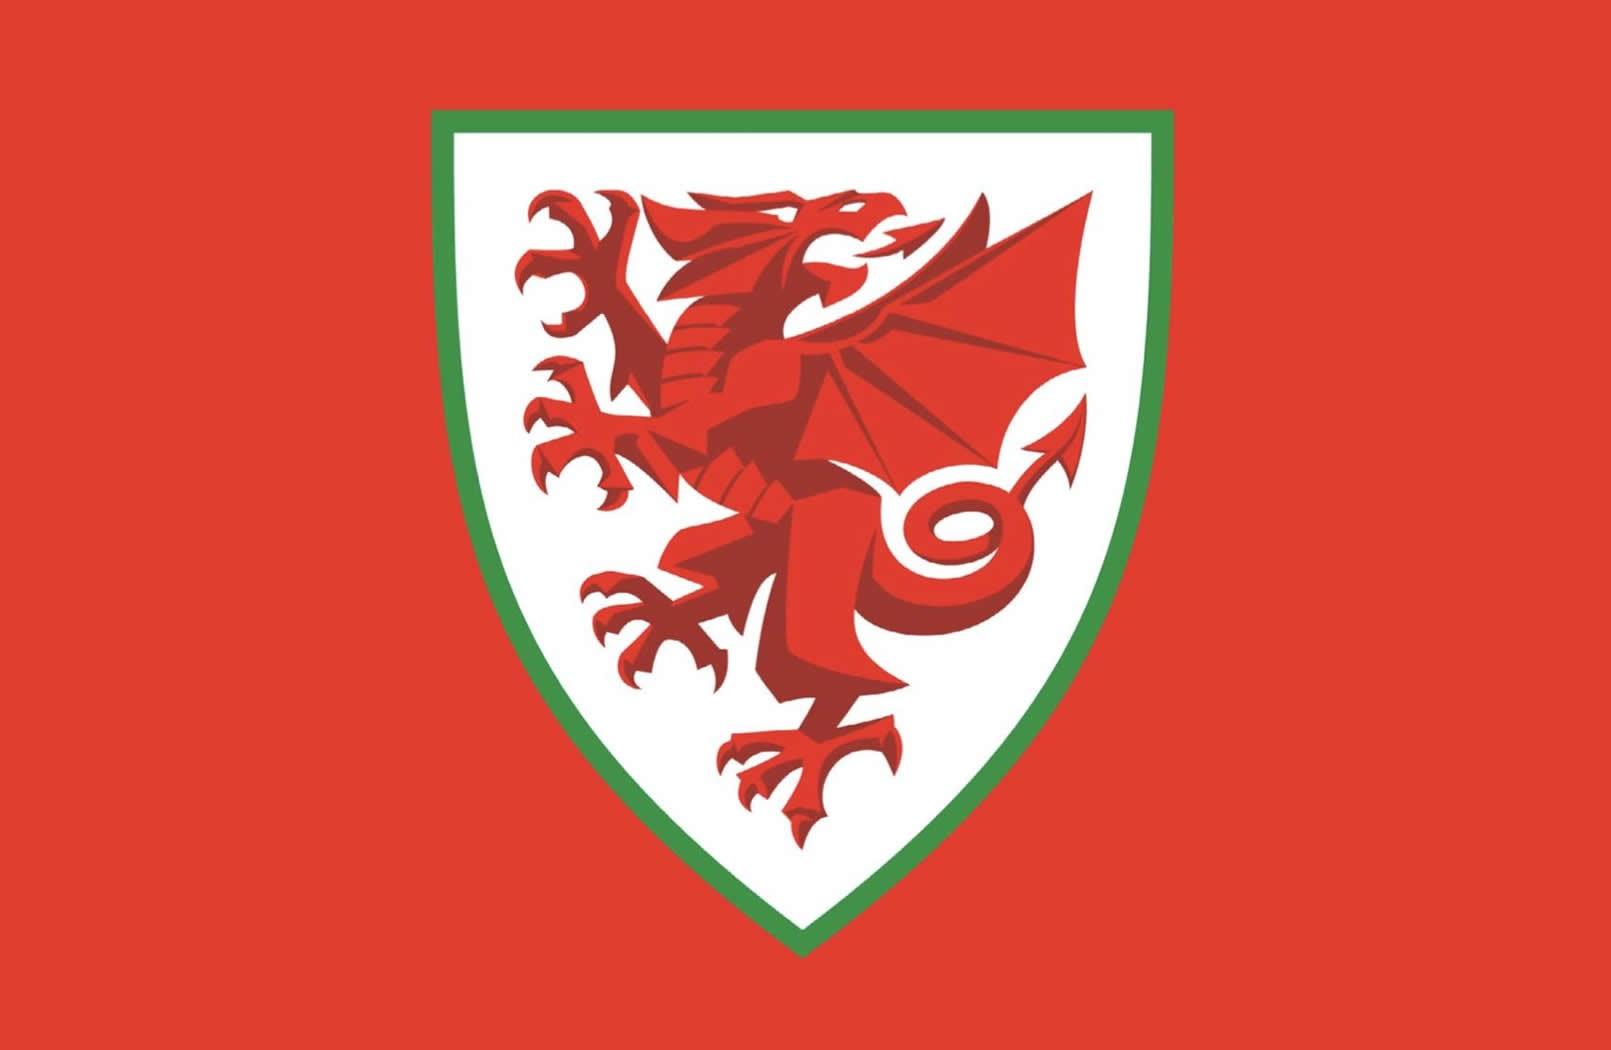 Nuevo escudo de las selecciones de Gales | Imagen FAW